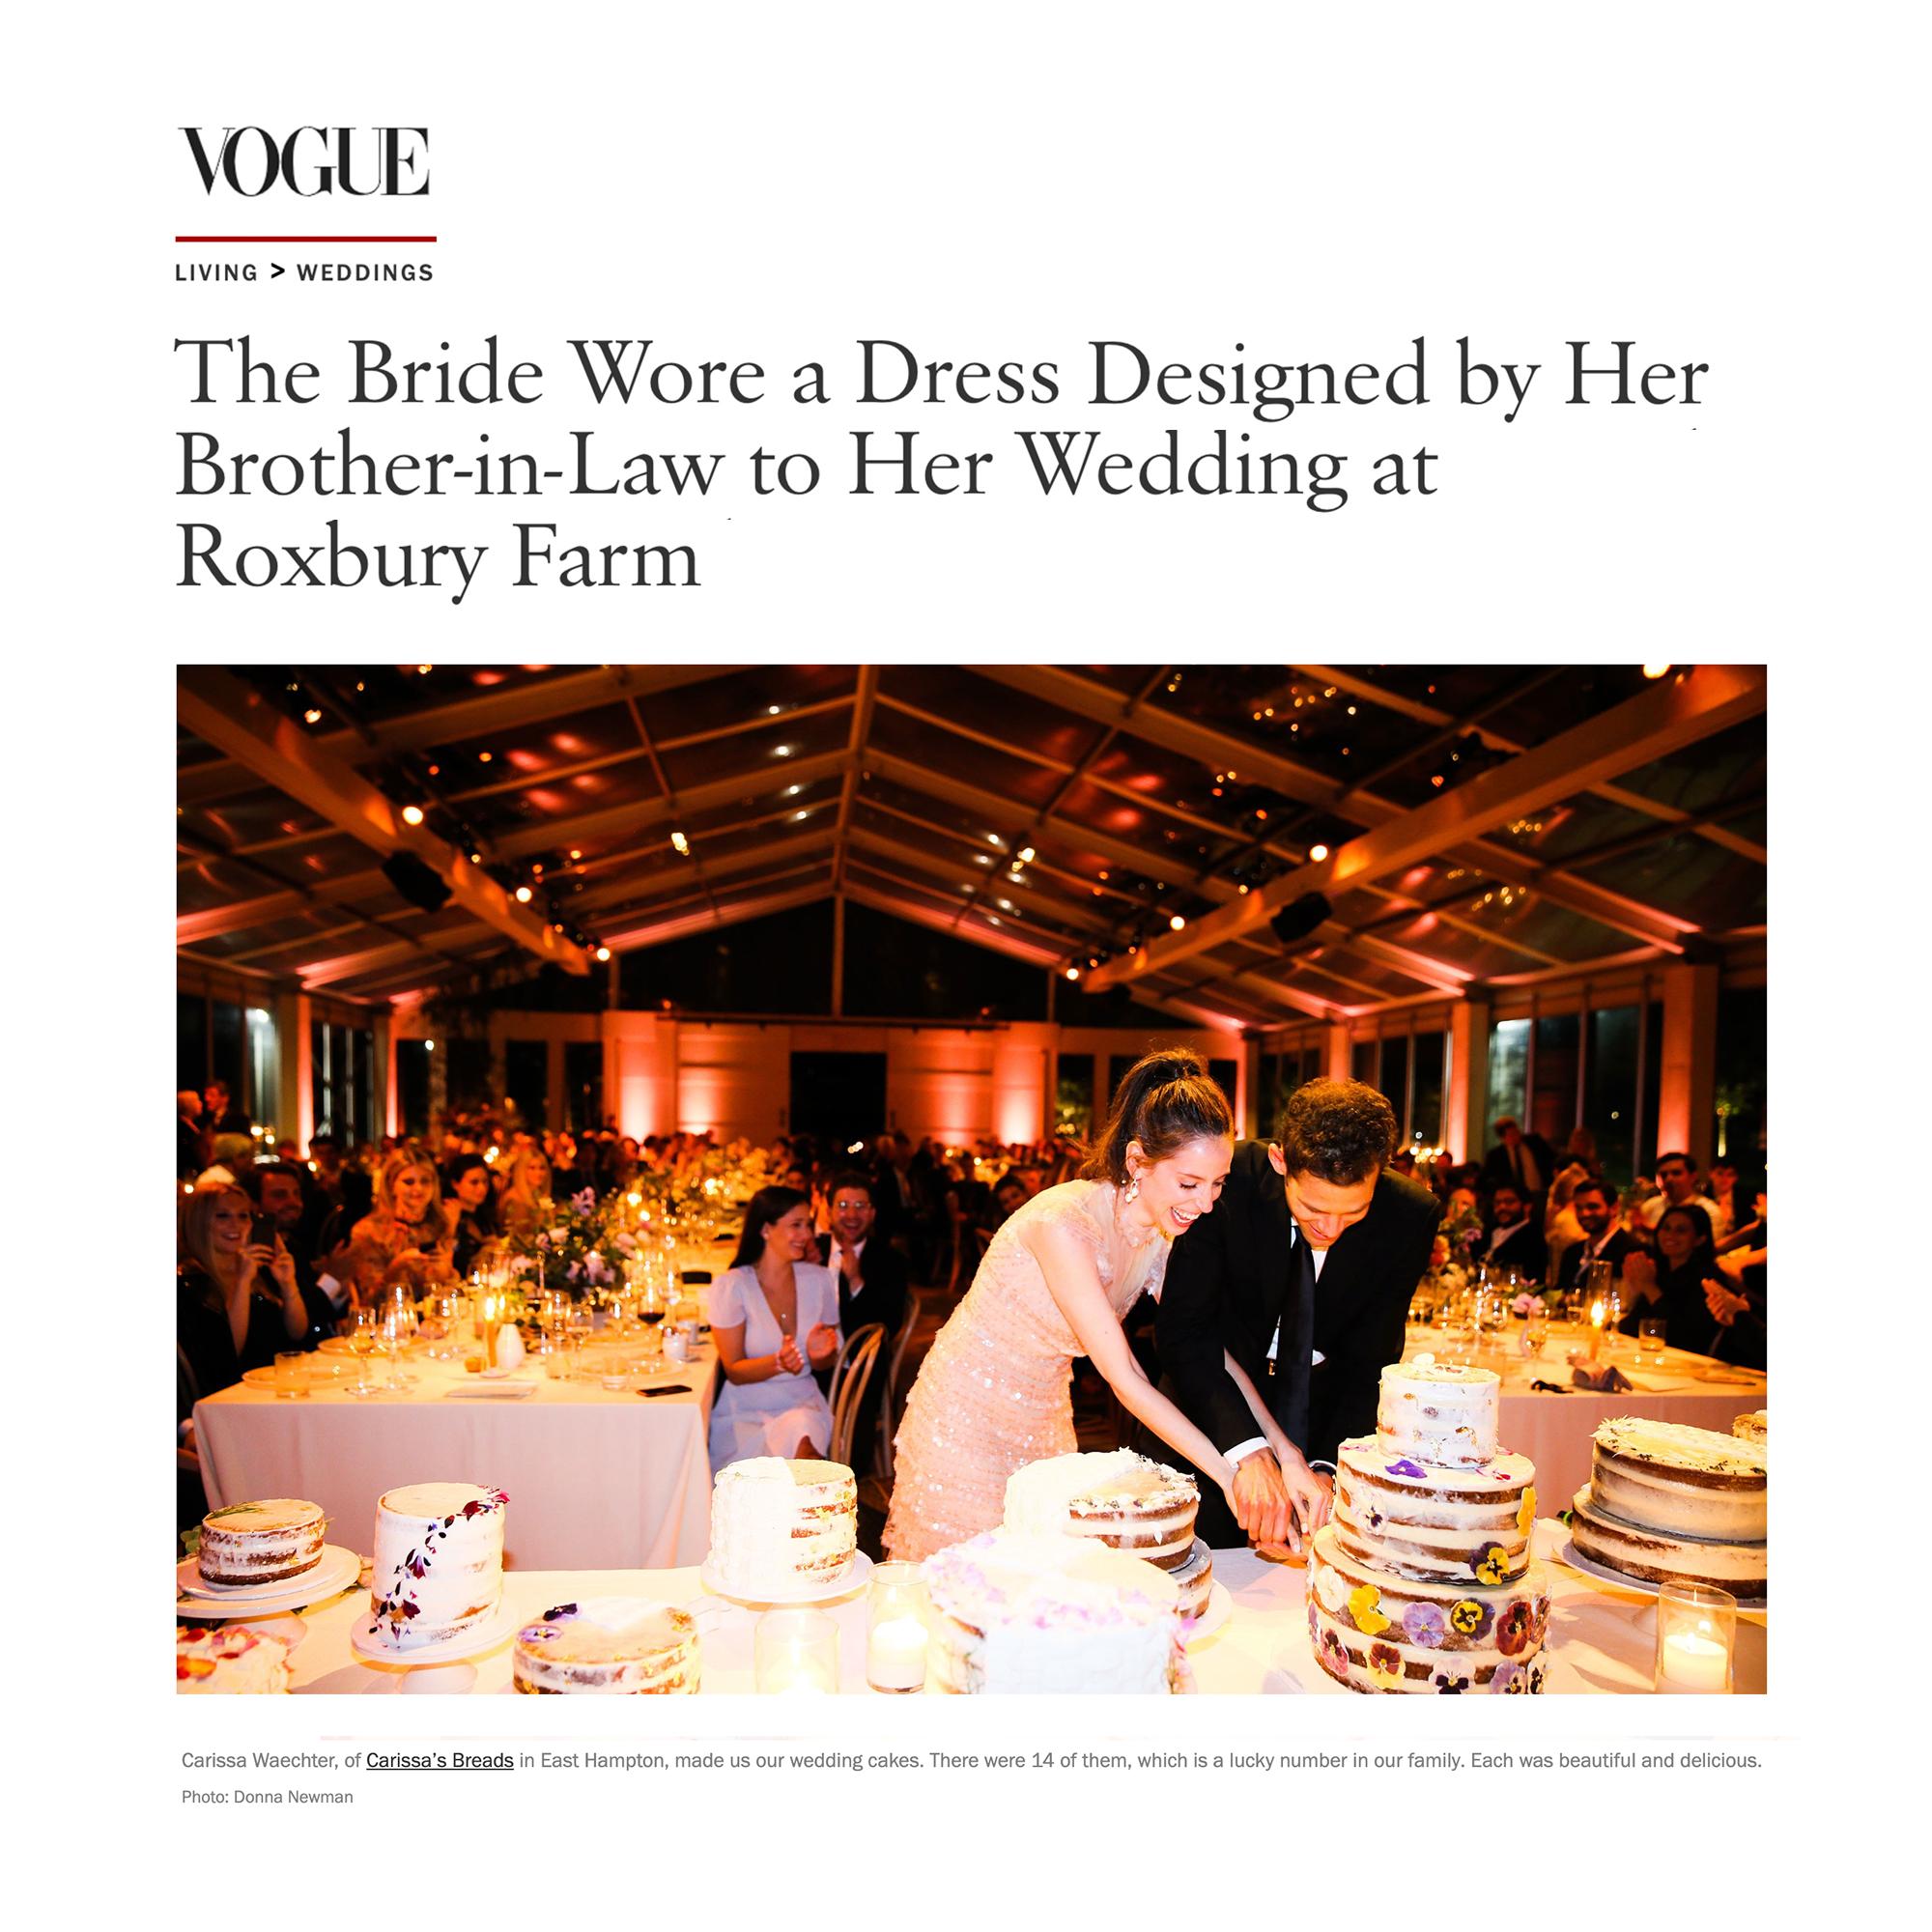 Vogue (February 2017)